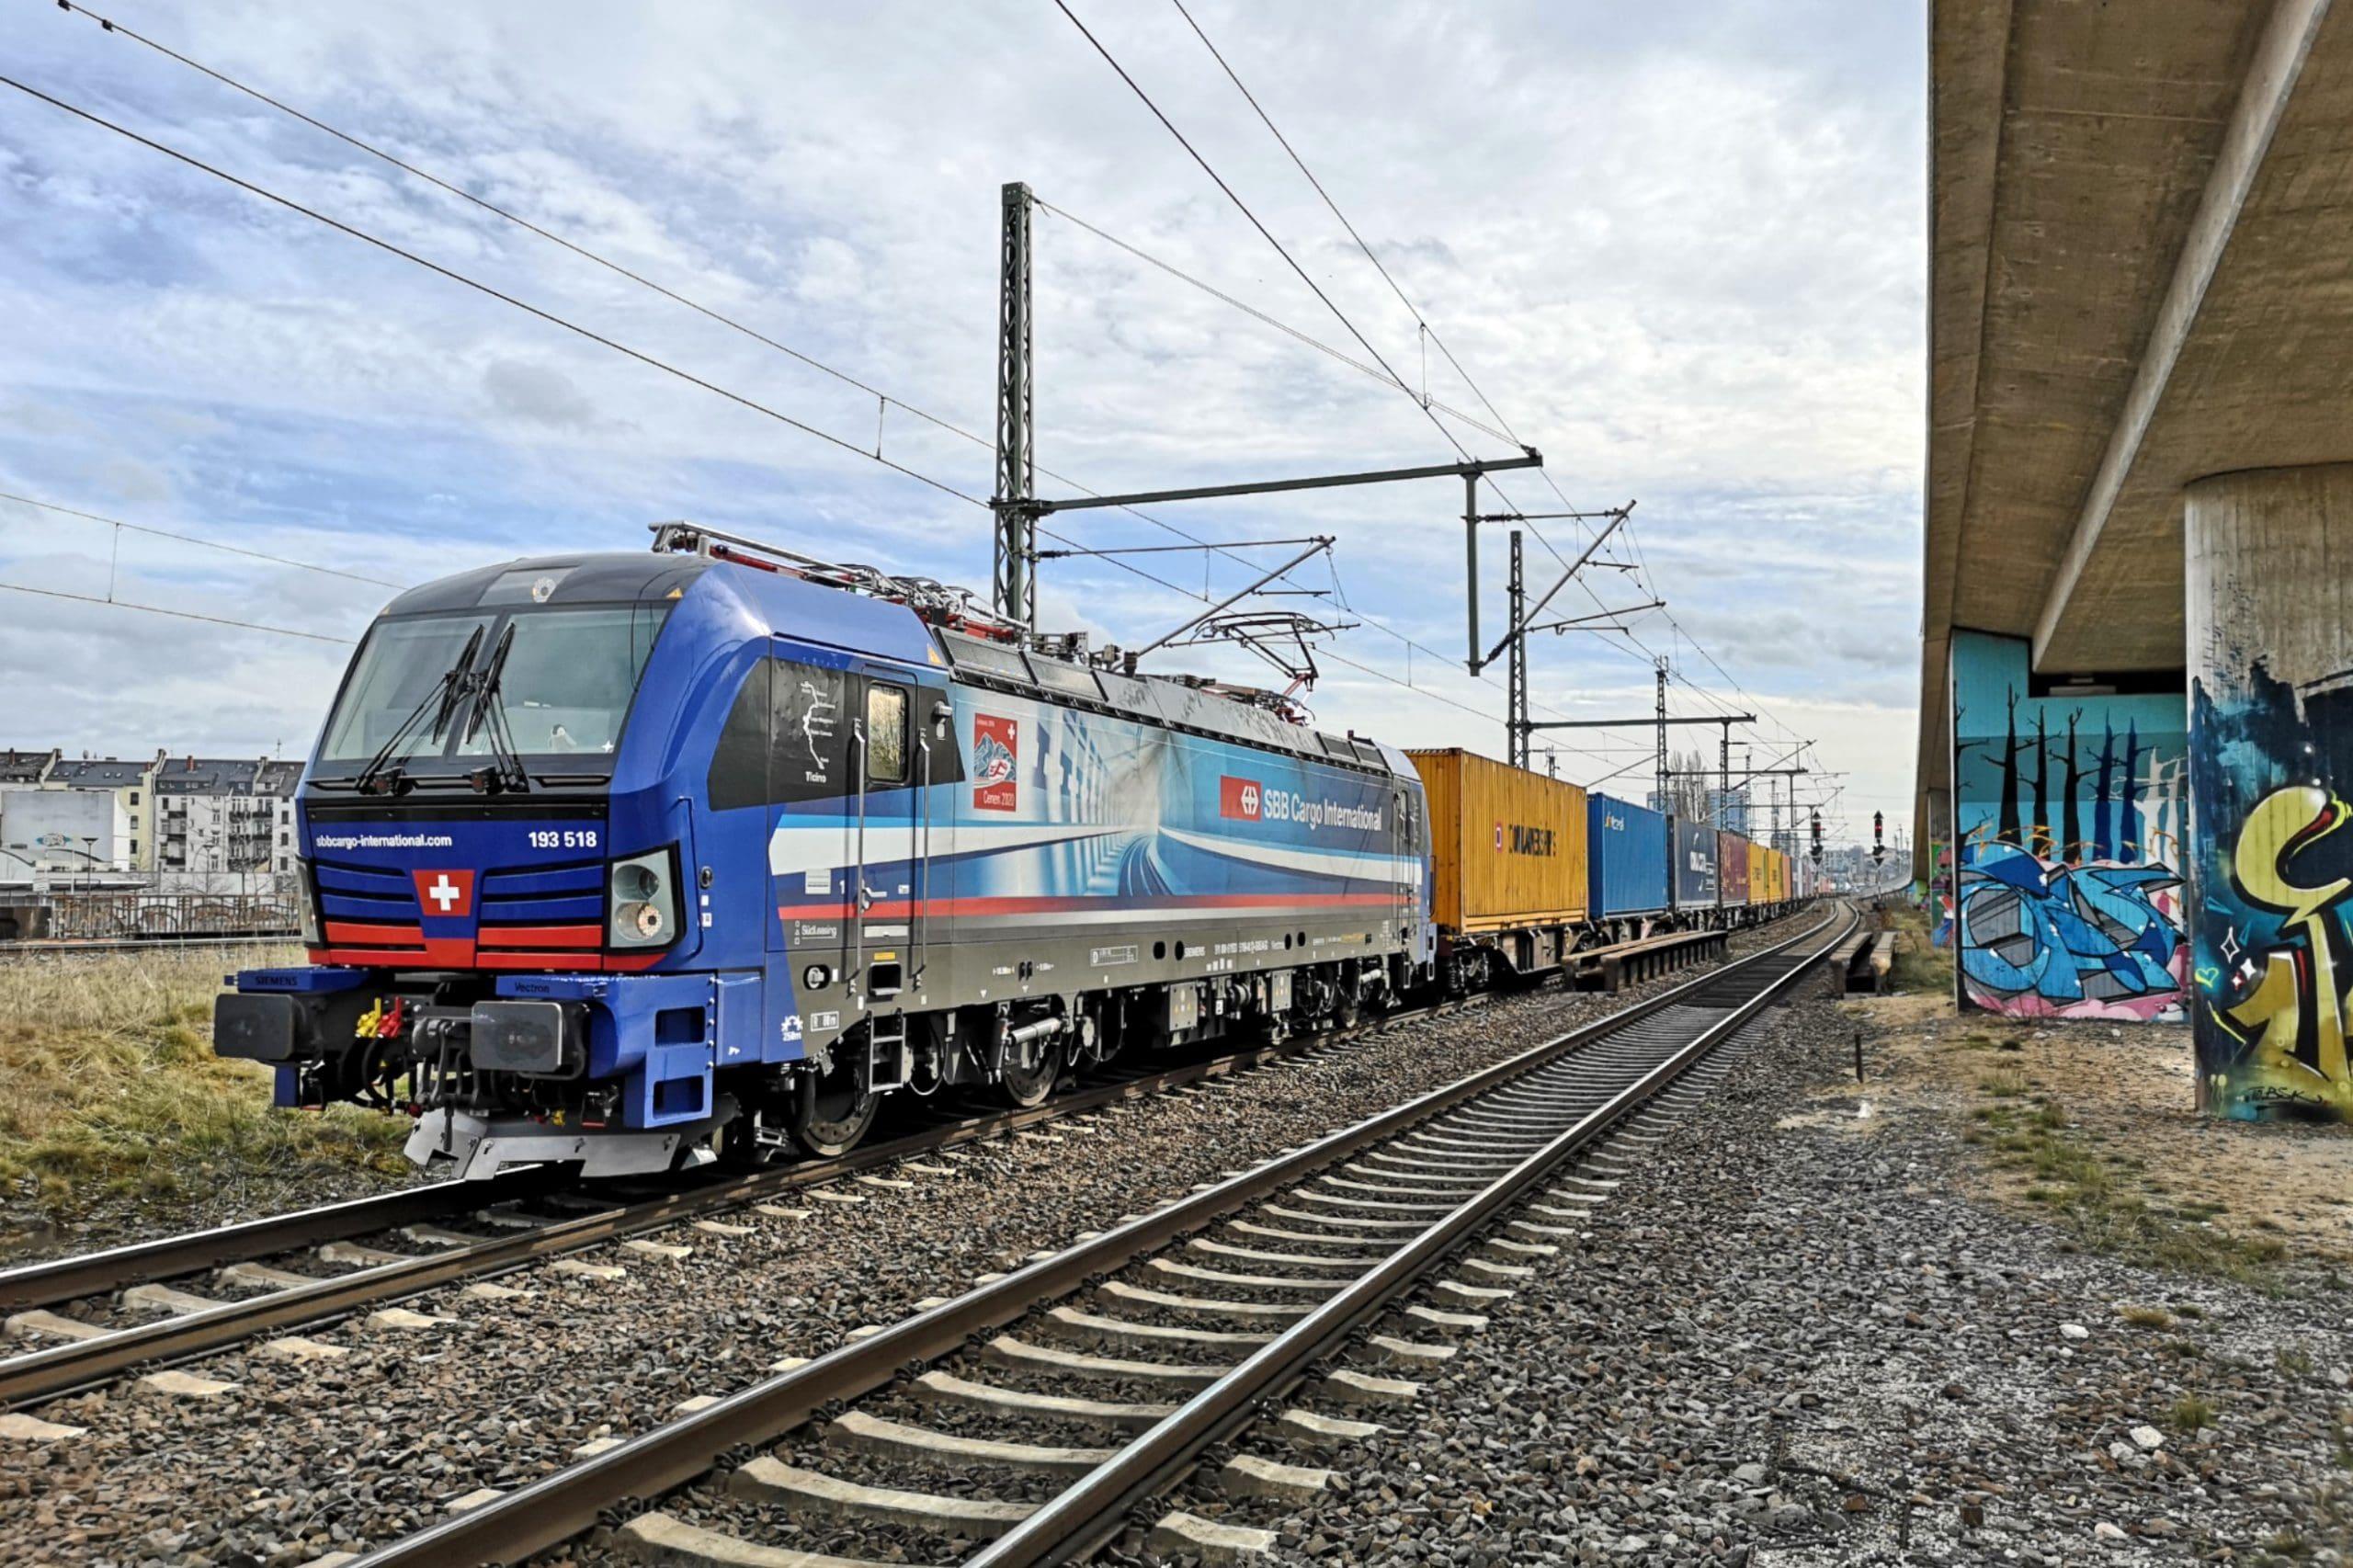 ©Foto: André Rosendahl | railmen | SBB in Mainz Hauptbahnhof. Die Beklebung der Lok macht auf die Eröffnung des 22,6 km langen Ceneri-Basistunnel im Schweizer Kanton Tessin aufmerksam.